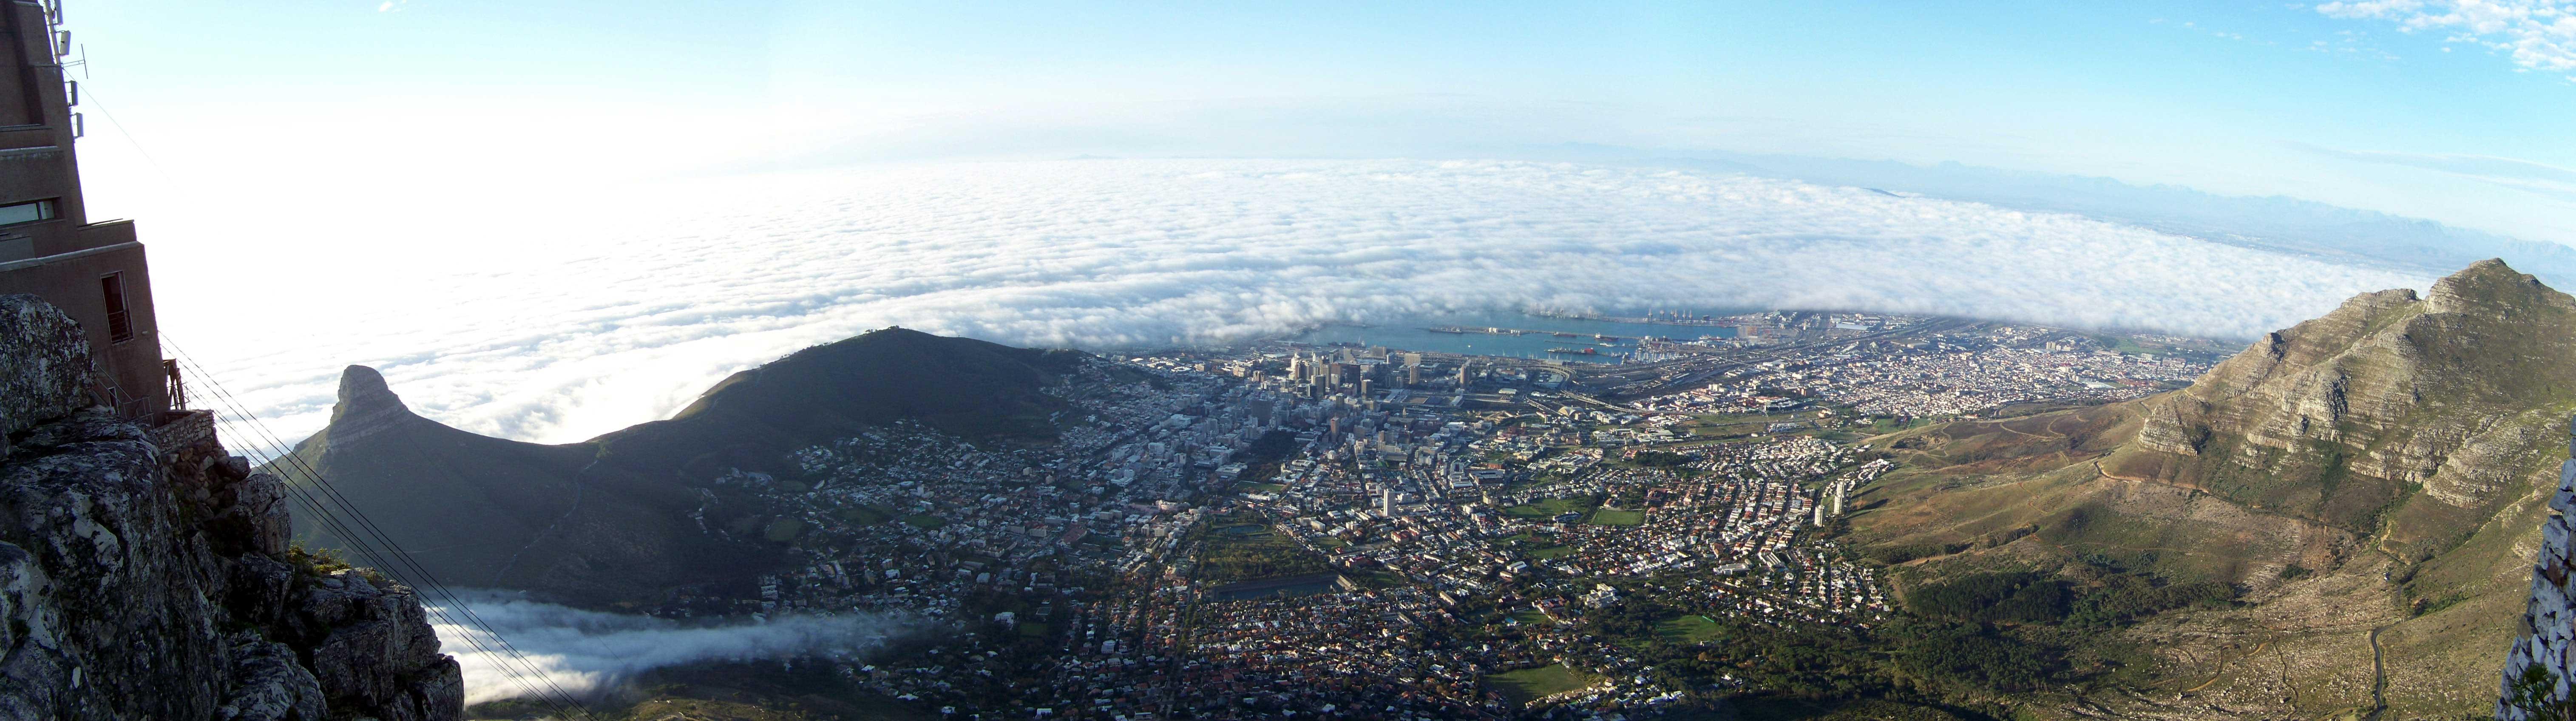 Cape Town's